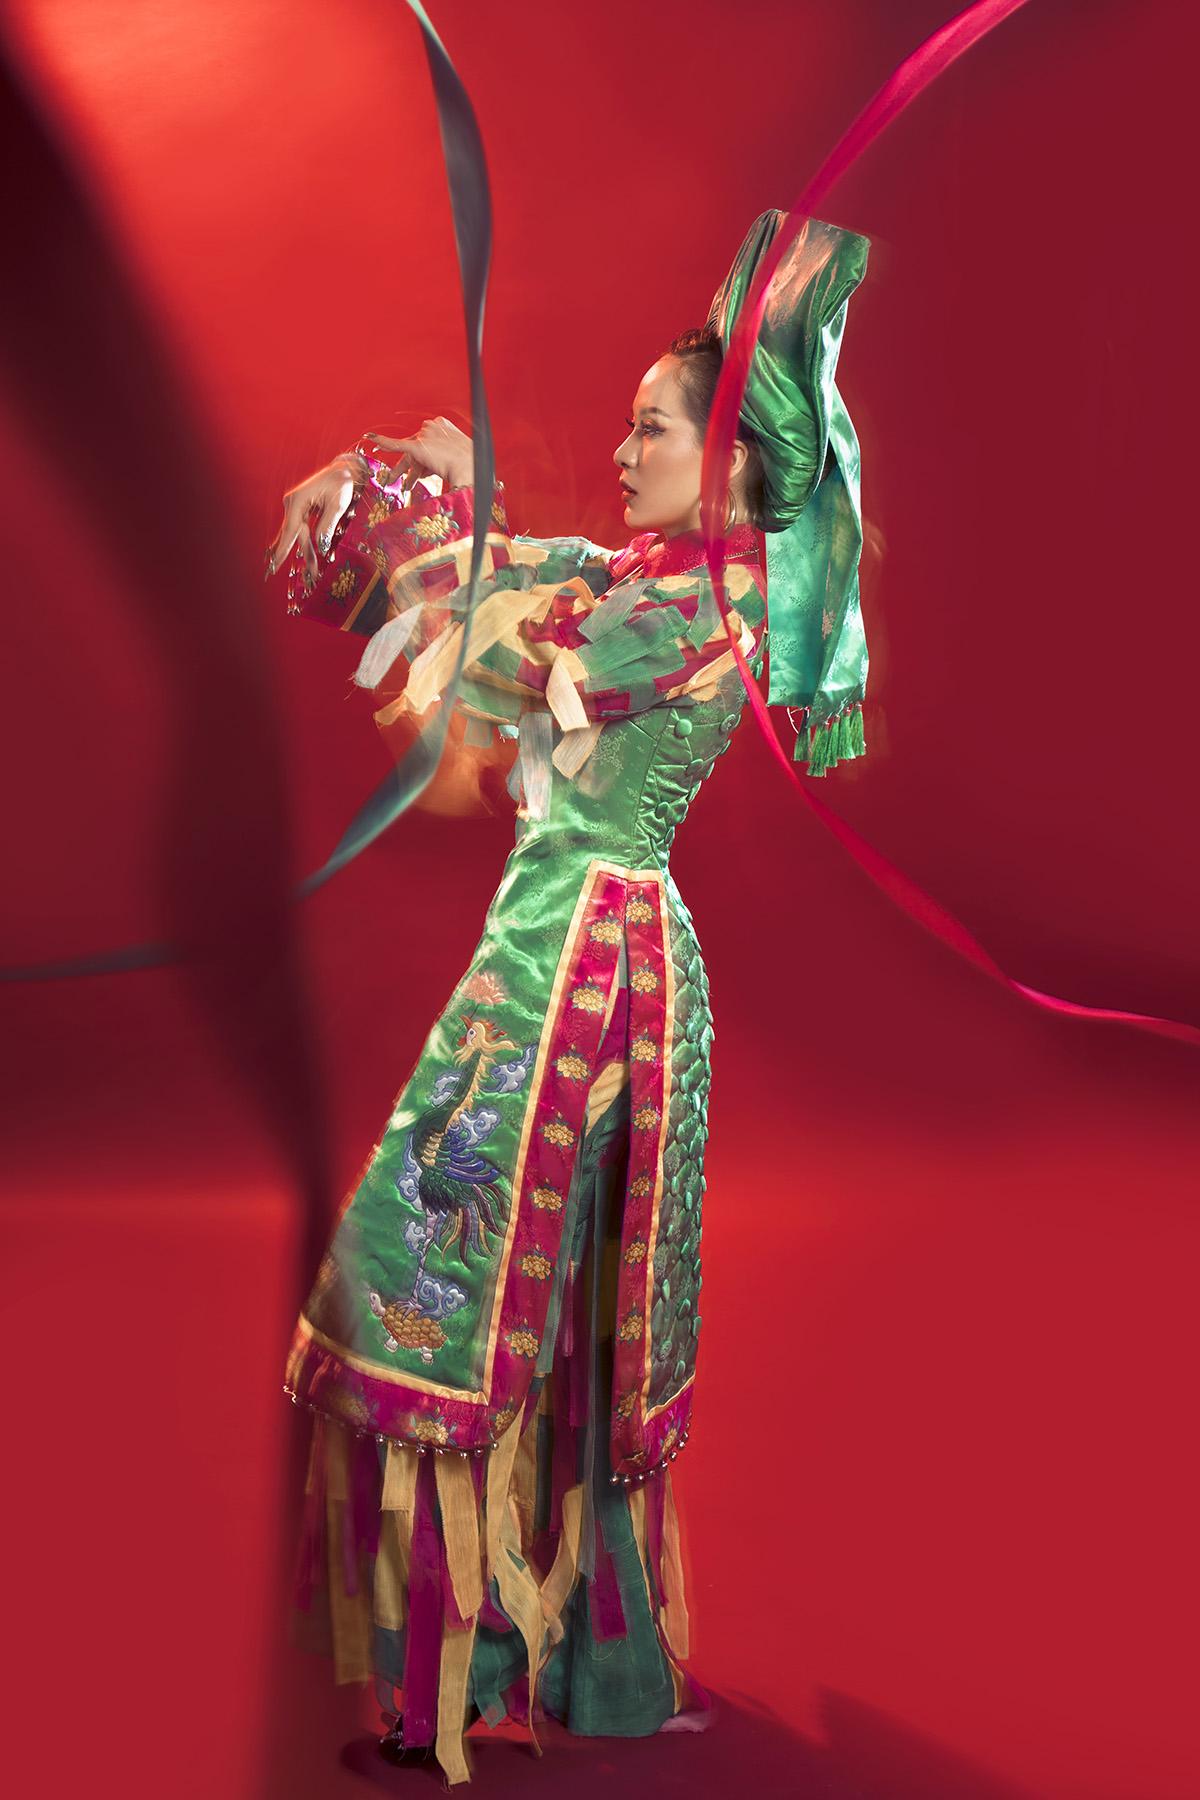 Khoác lên mình bộ trang phục hầu đồng (tín ngưỡng tâm linh thuần Việt) bí ẩn, nữ ca sĩ khiến người xem phải tò mò và quan tâm tìm hiểu thêm về những câu chuyện đặc biệt đằng sau yếu tố văn hóa.